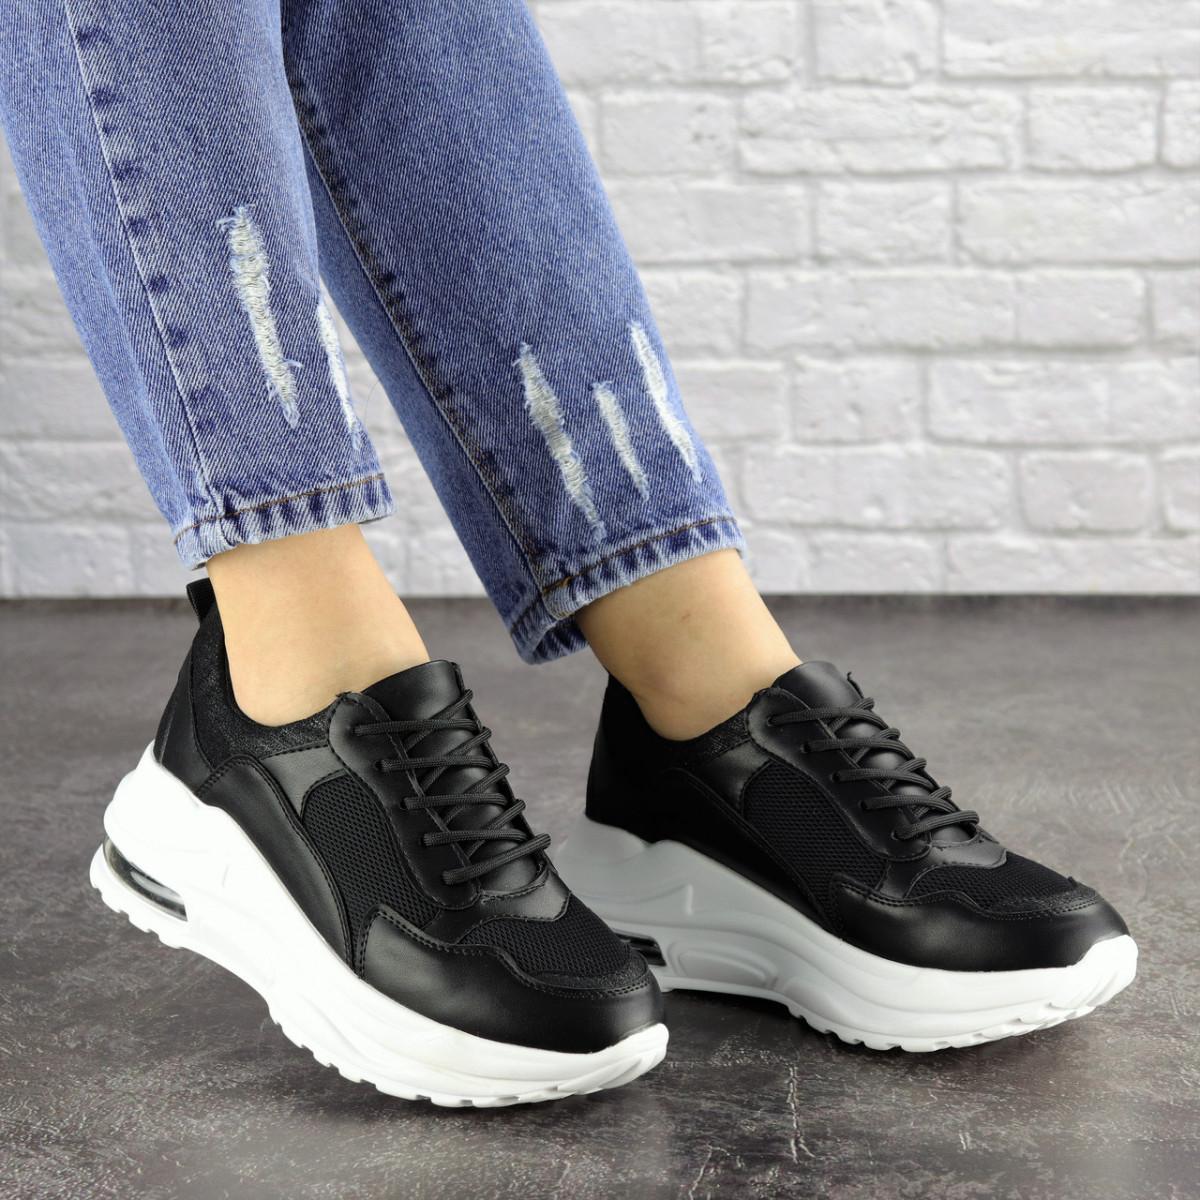 Женские кроссовки Fashion Towser 1677 37 размер 23,5 см Черный